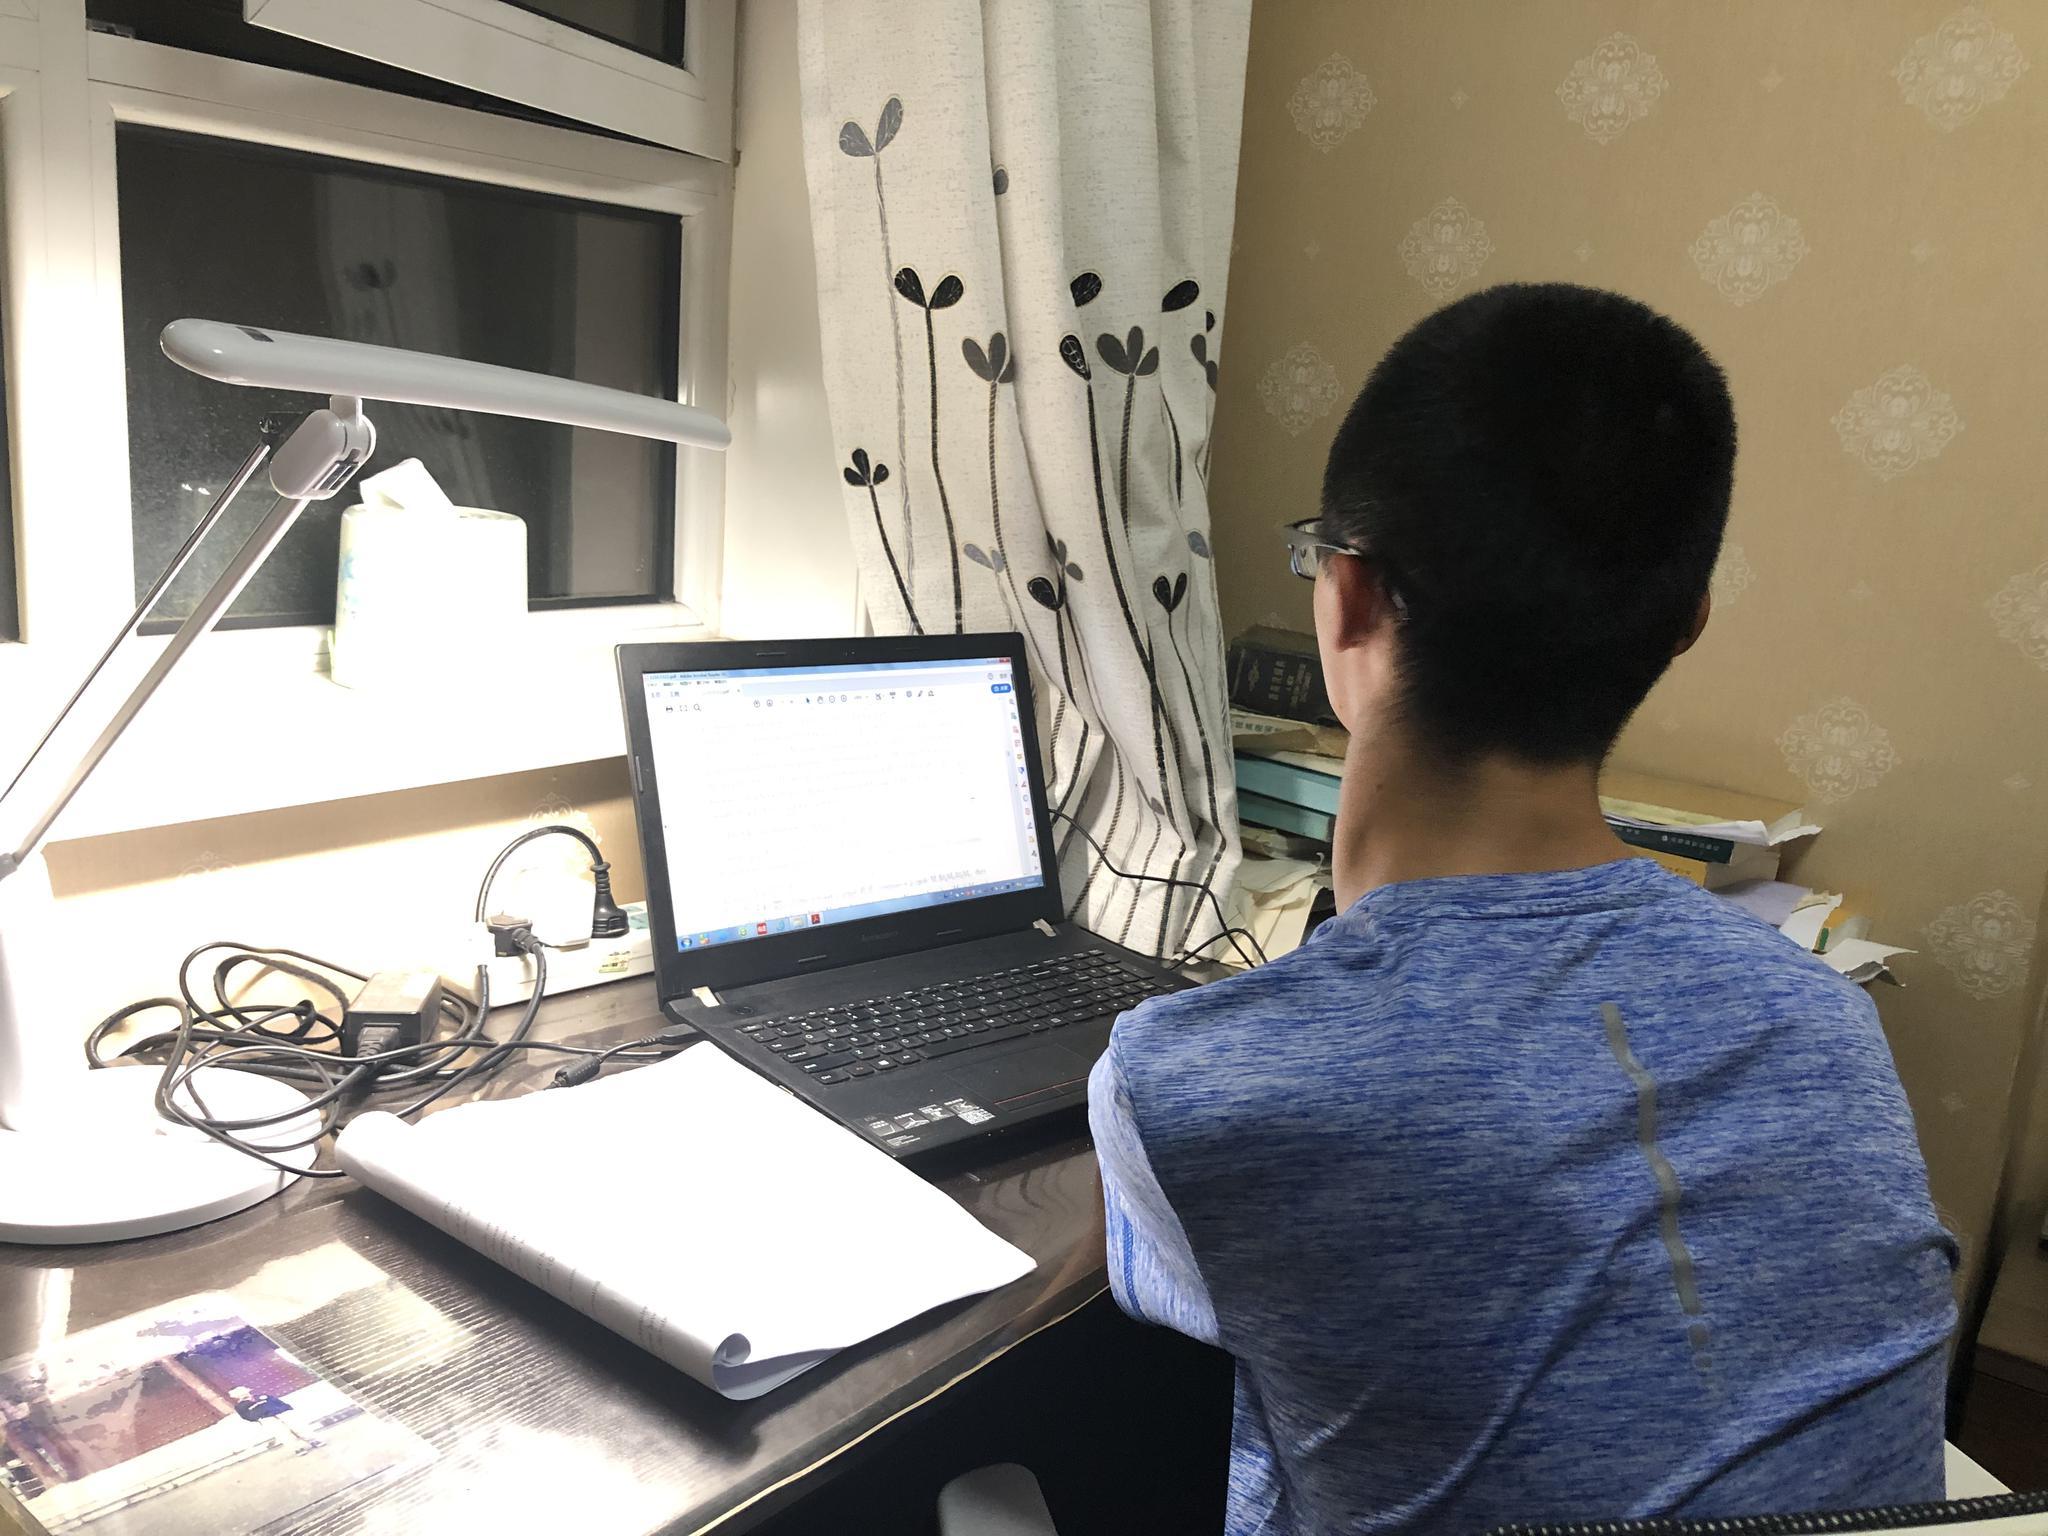 9月24日晚,谢炎廷在卧室里用电脑写论文。新京报记者王瑞锋 摄